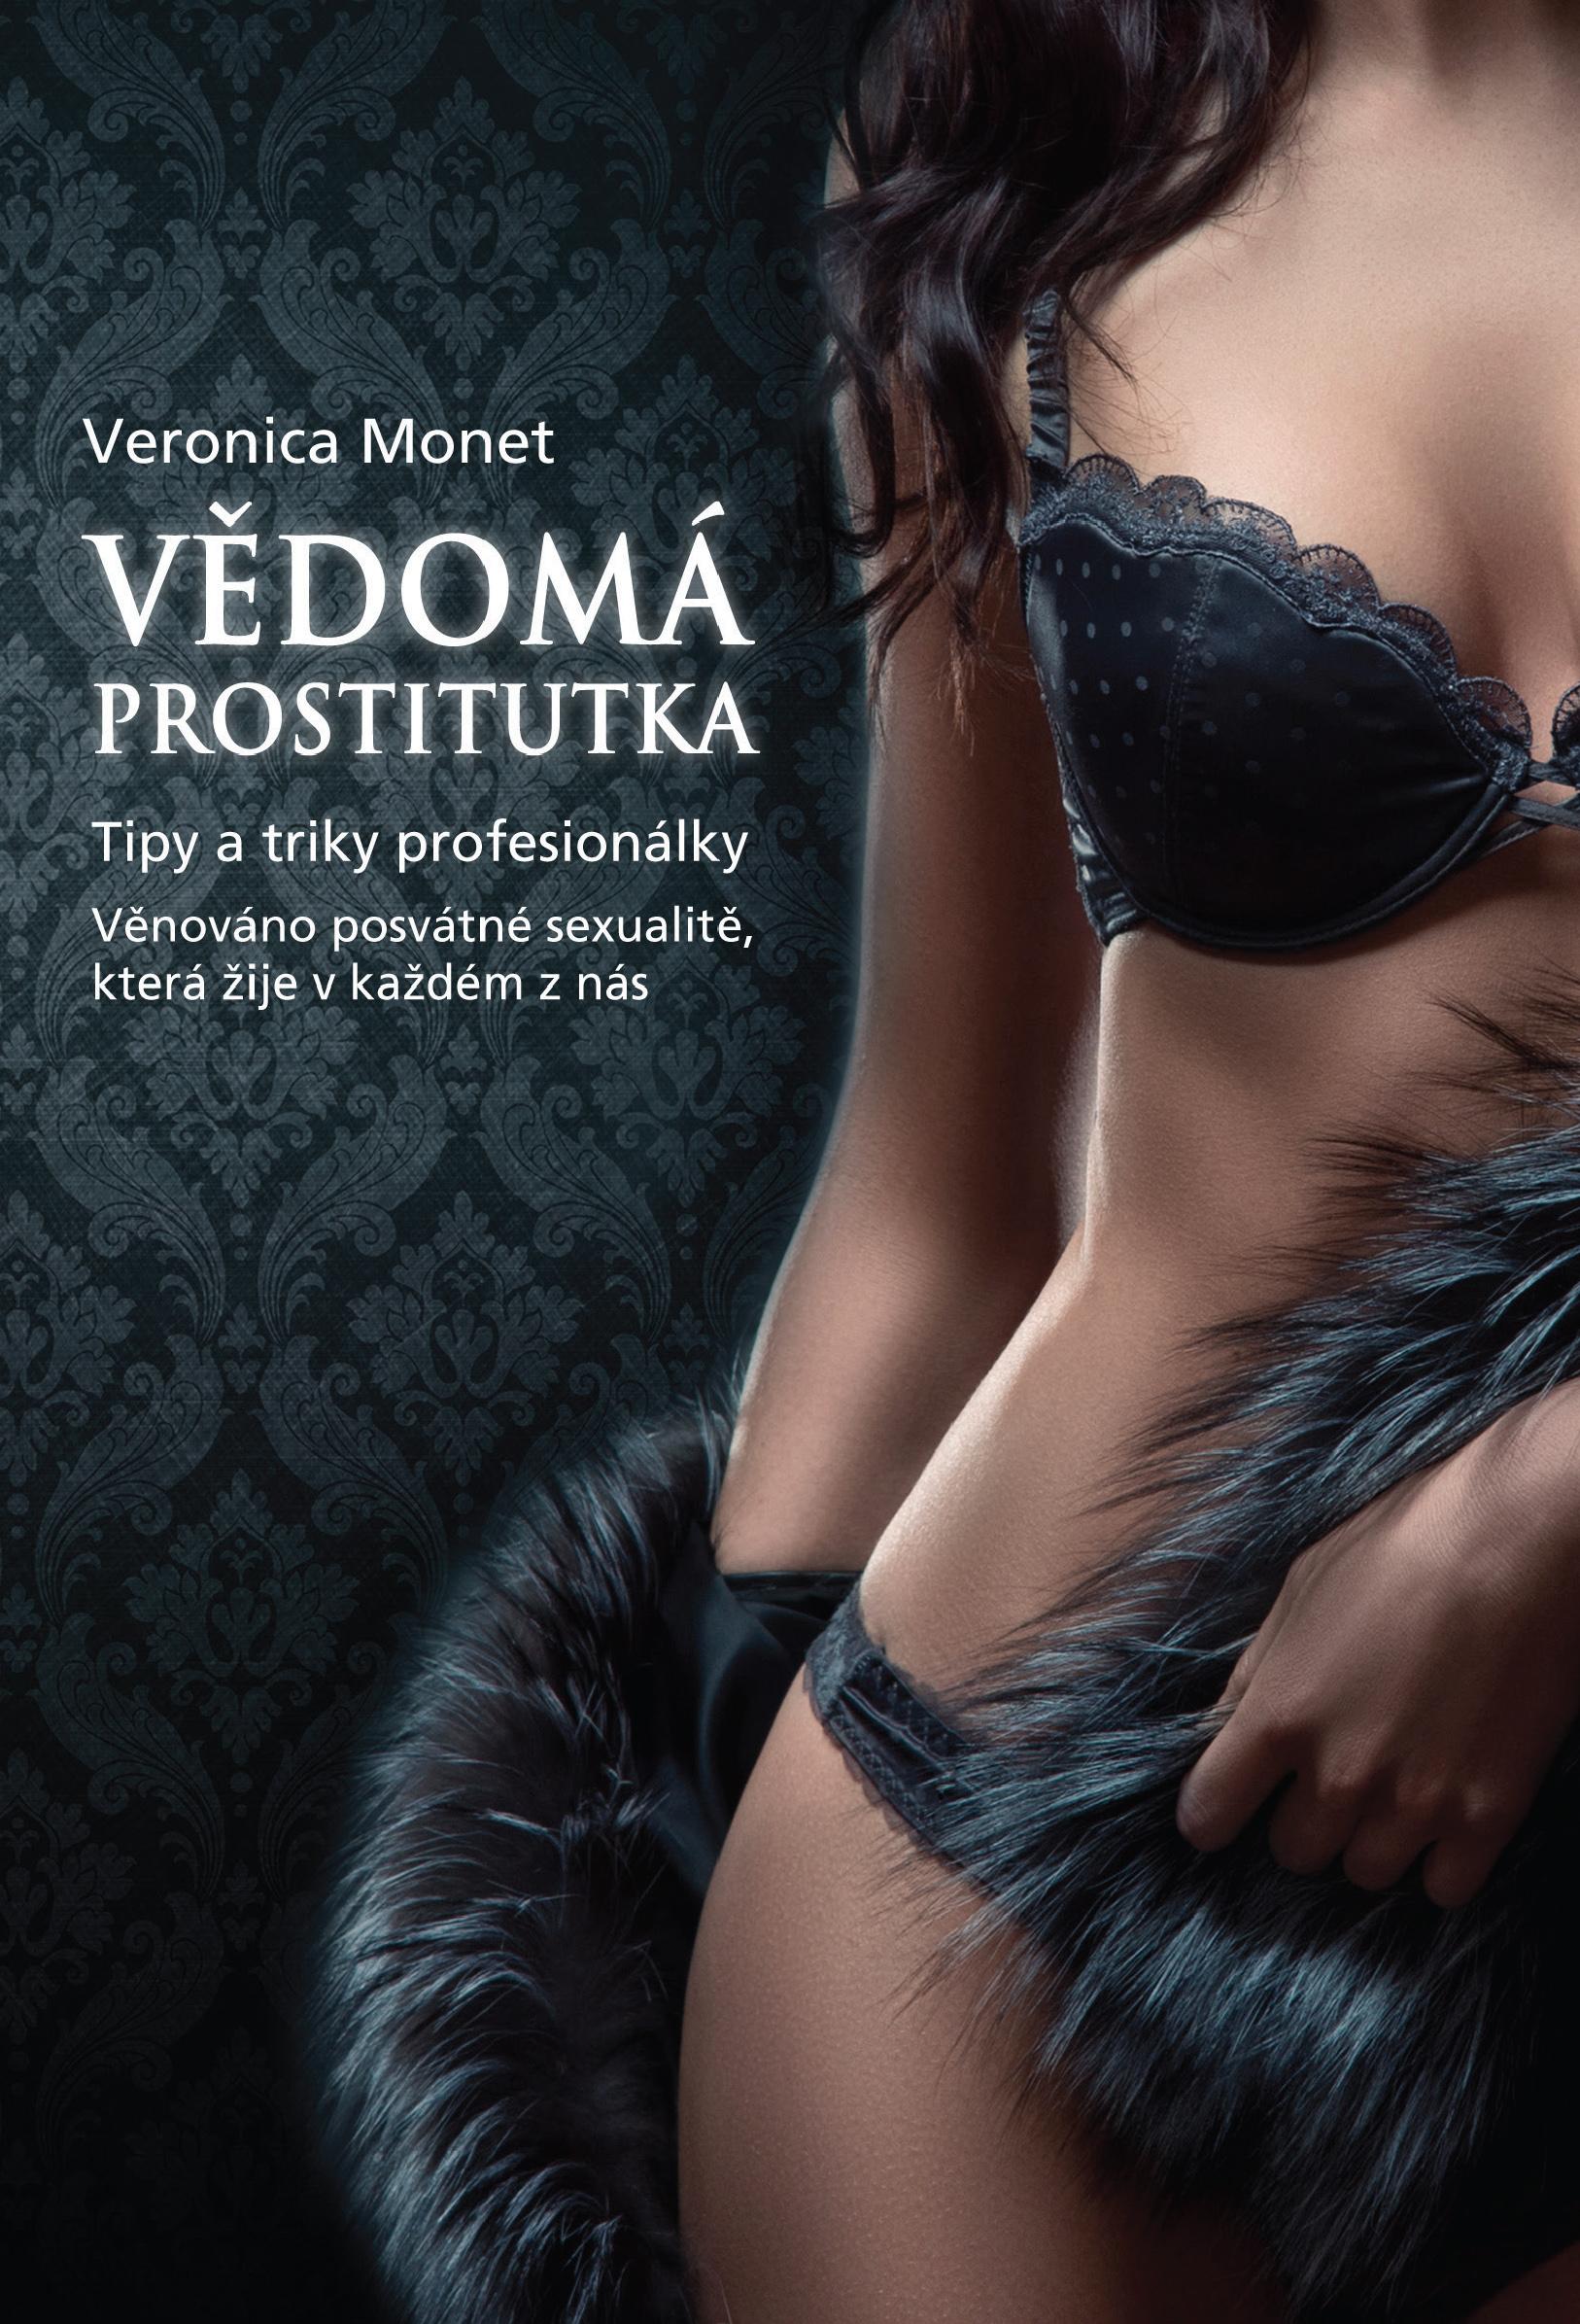 Vedoma_prostitutka_obalka_web